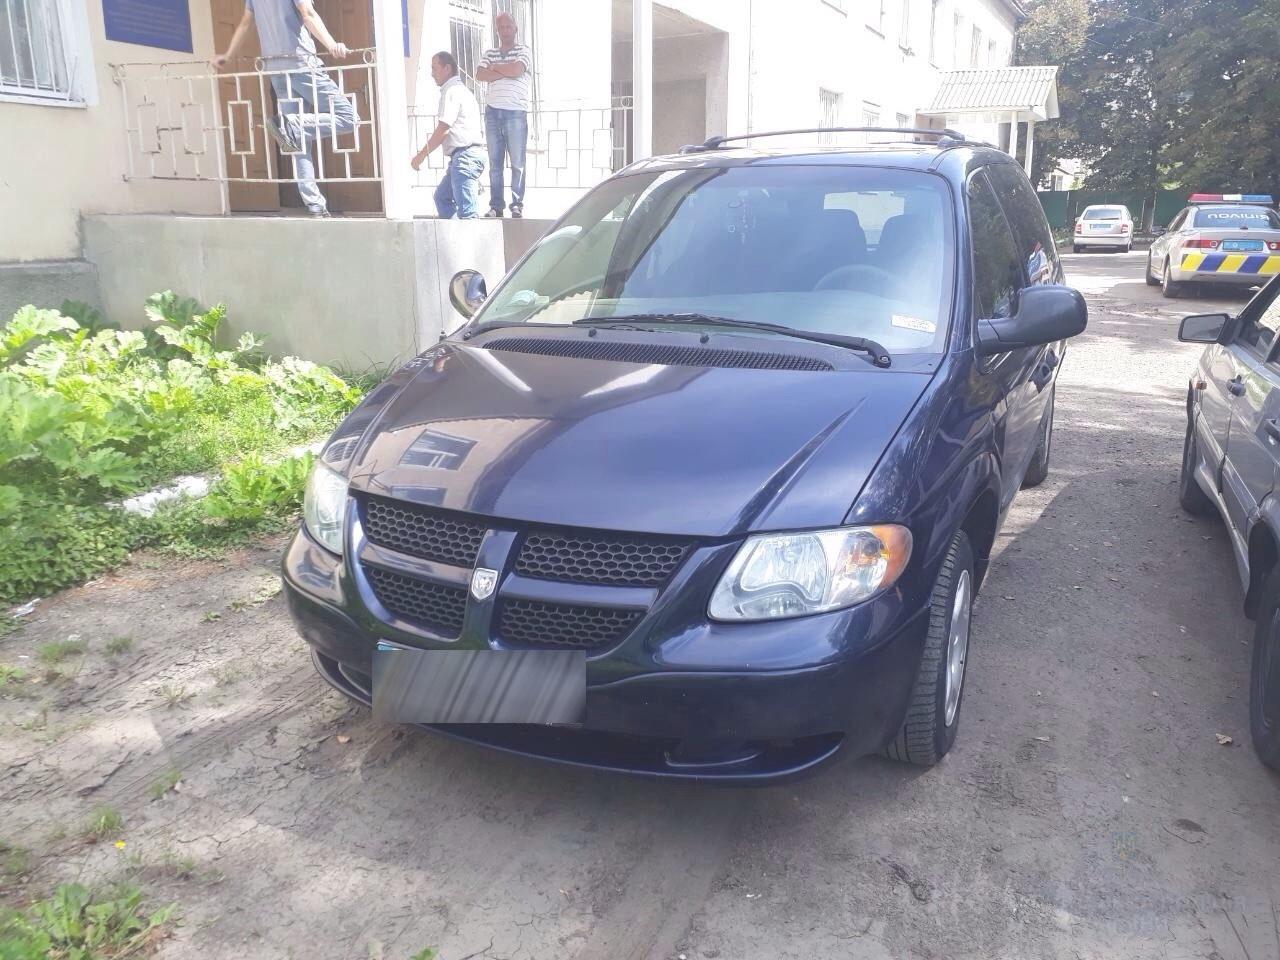 У Міжгір'ї виявили дві автівки з підробленими свідоцтвами про реєстрацію